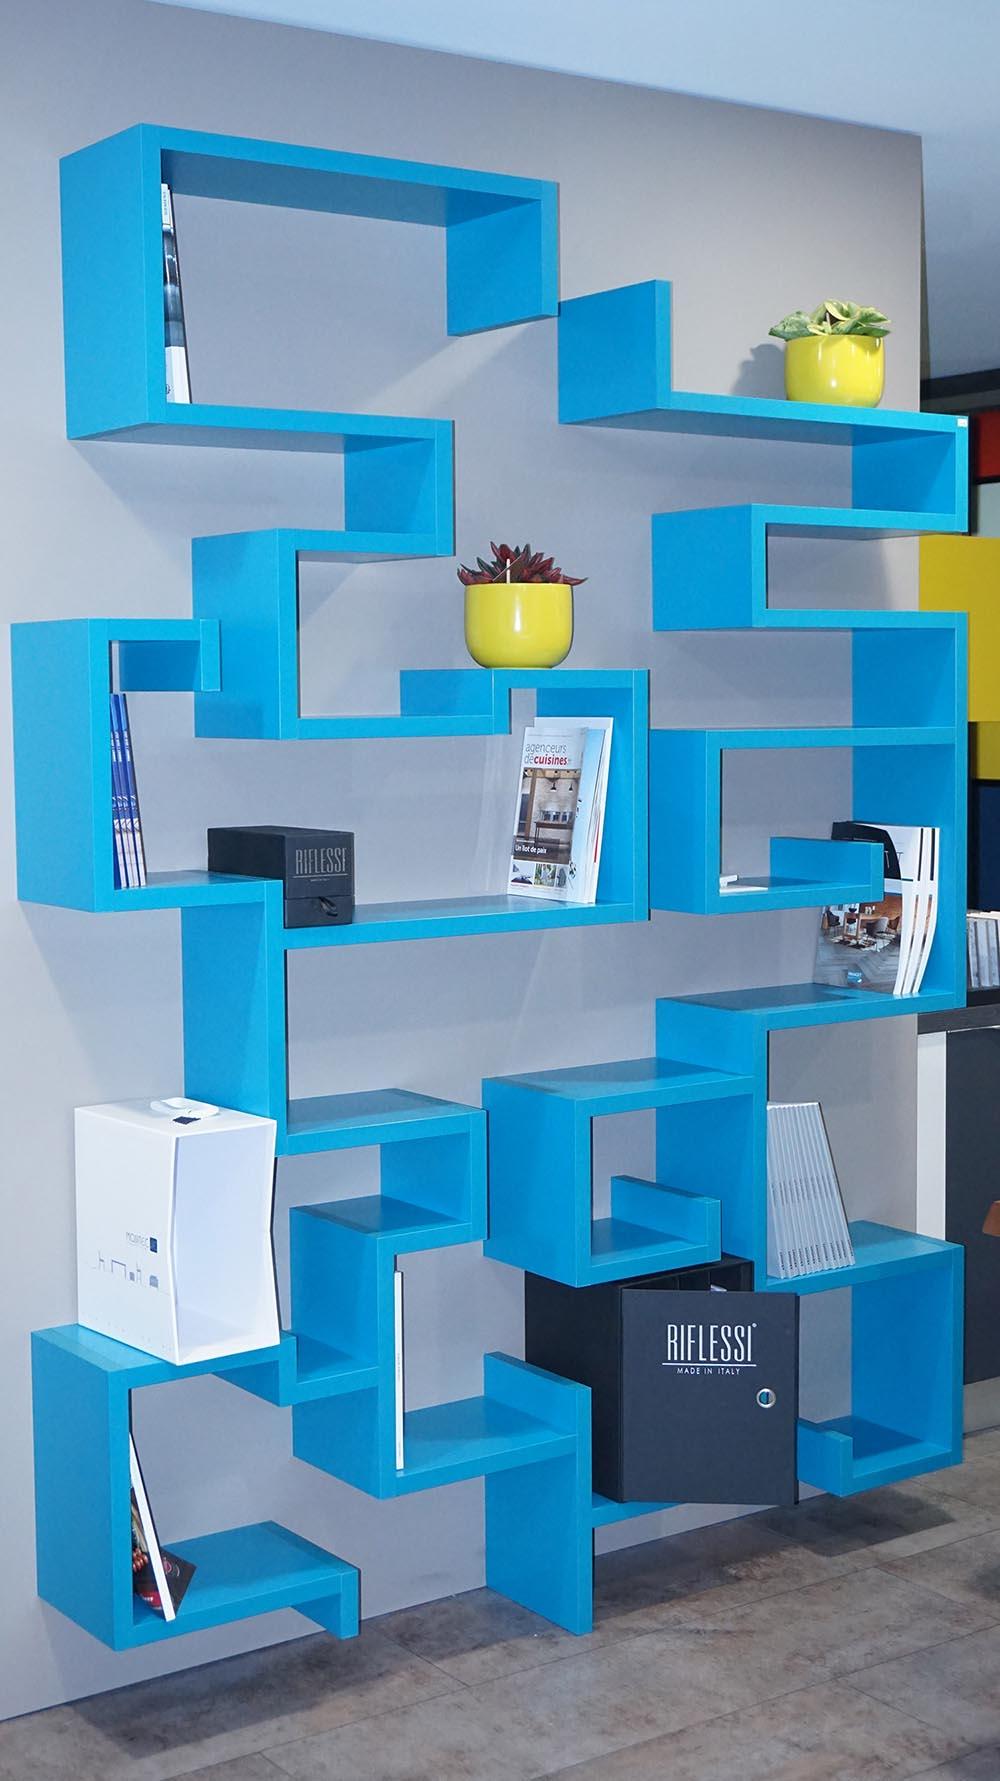 meuble sur mesure en formpe de labyrinthe